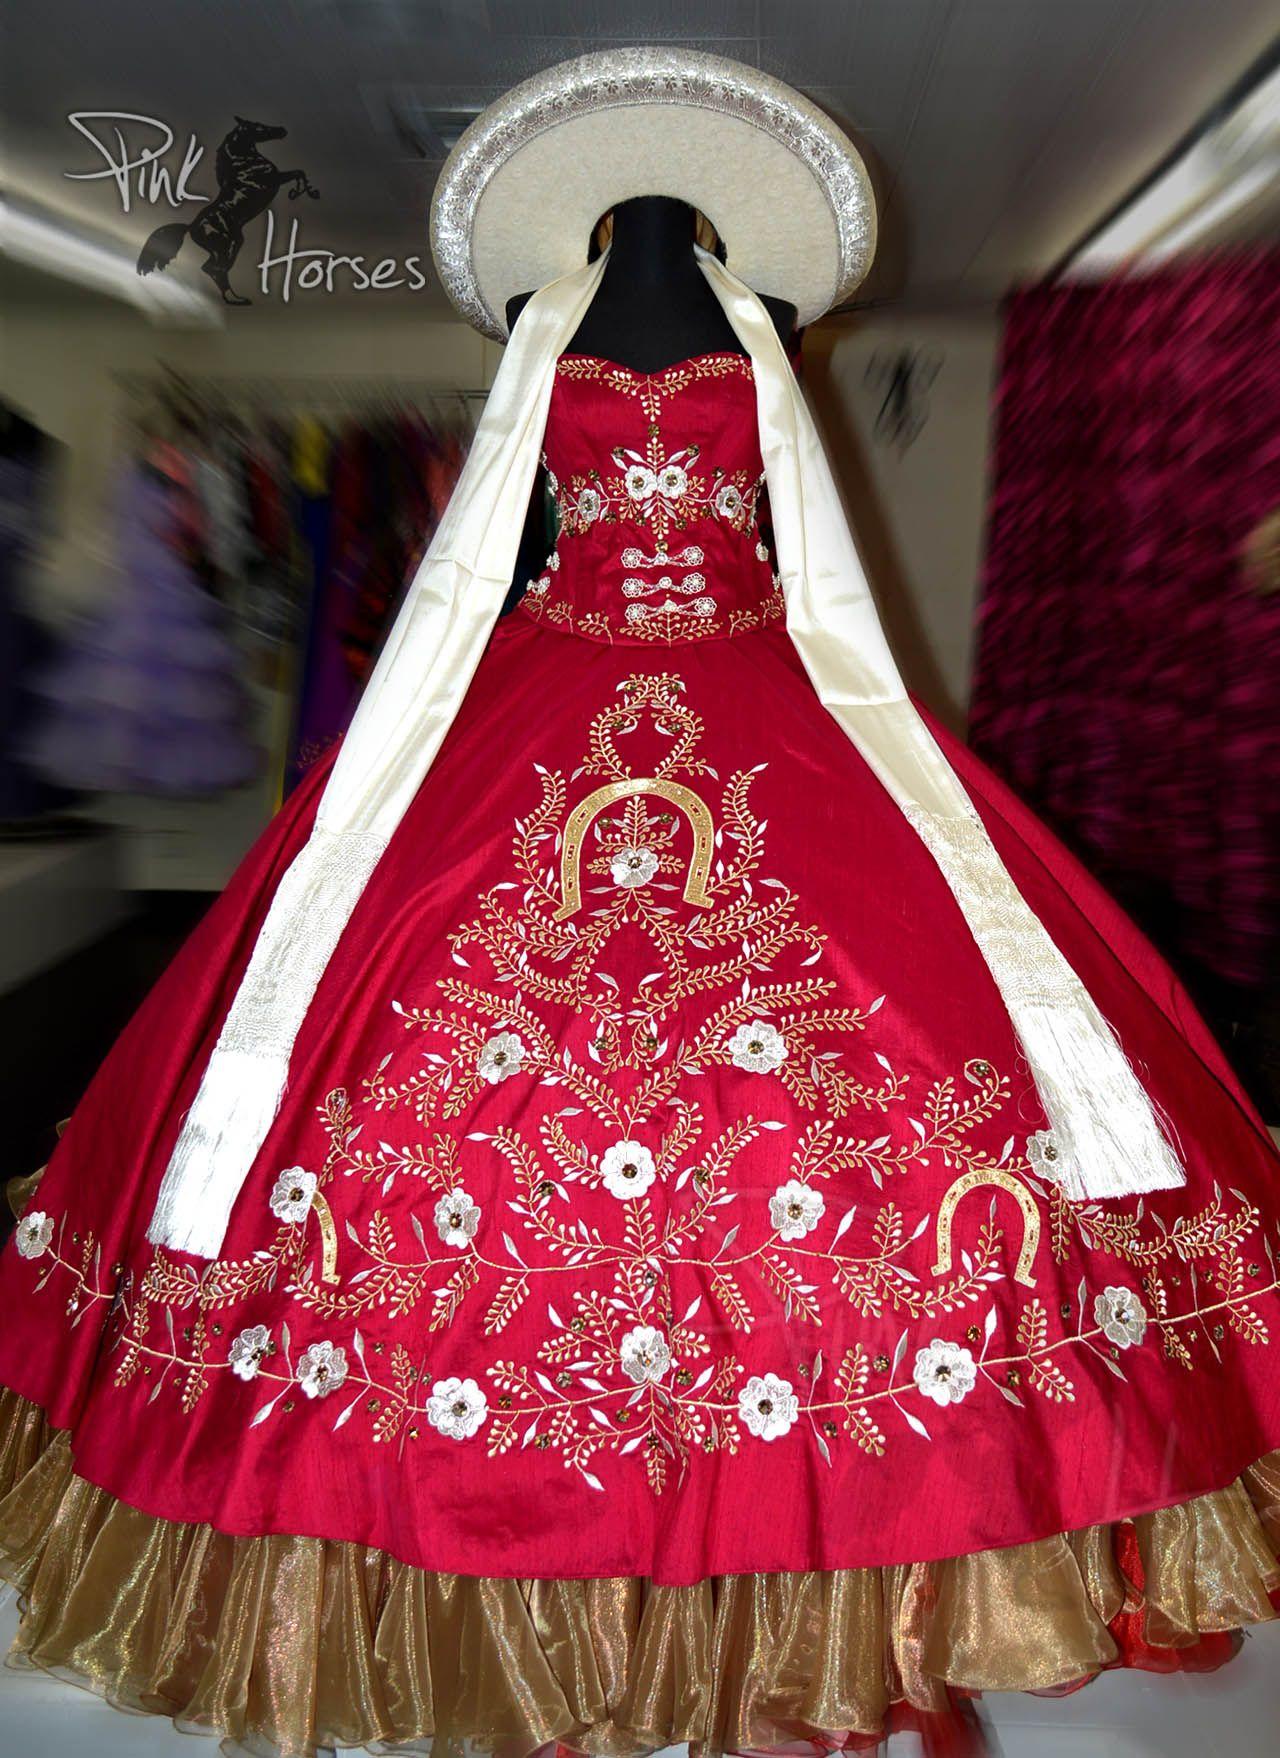 Gallery Women Pinkhorses Vestidos De Quincea 241 Era